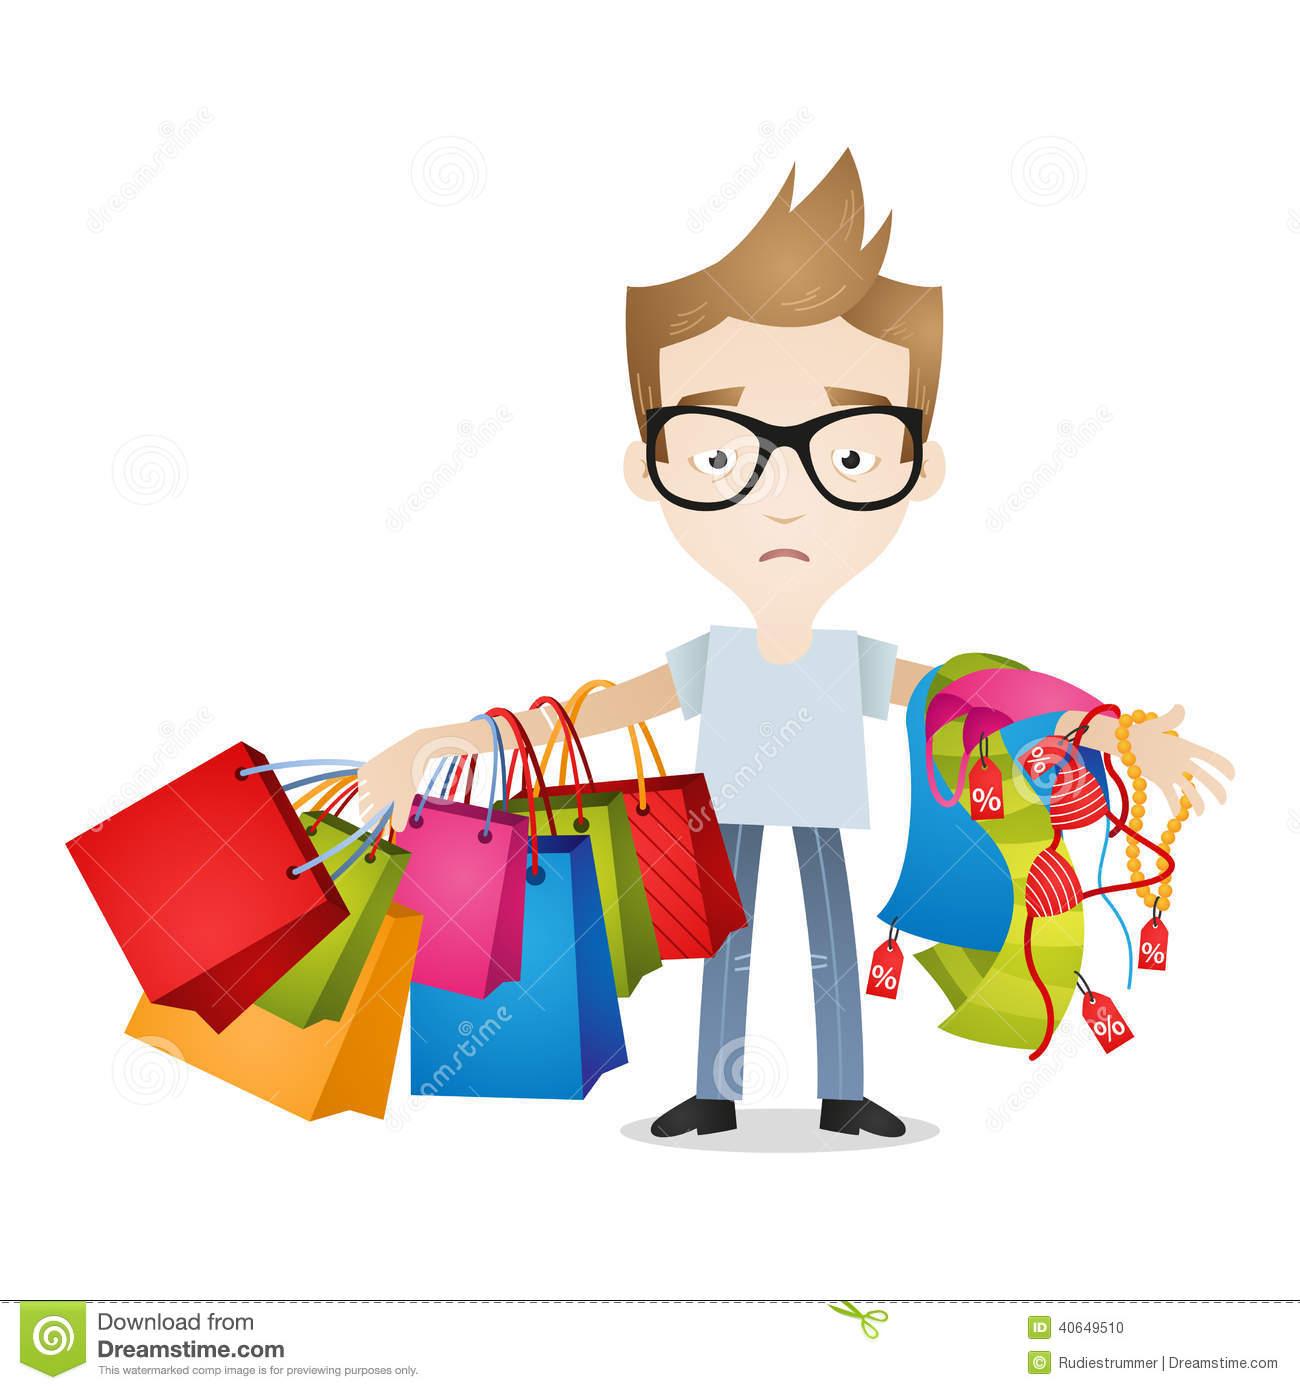 Men Clothes Shopping Clipart #1-Men Clothes Shopping Clipart #1-7